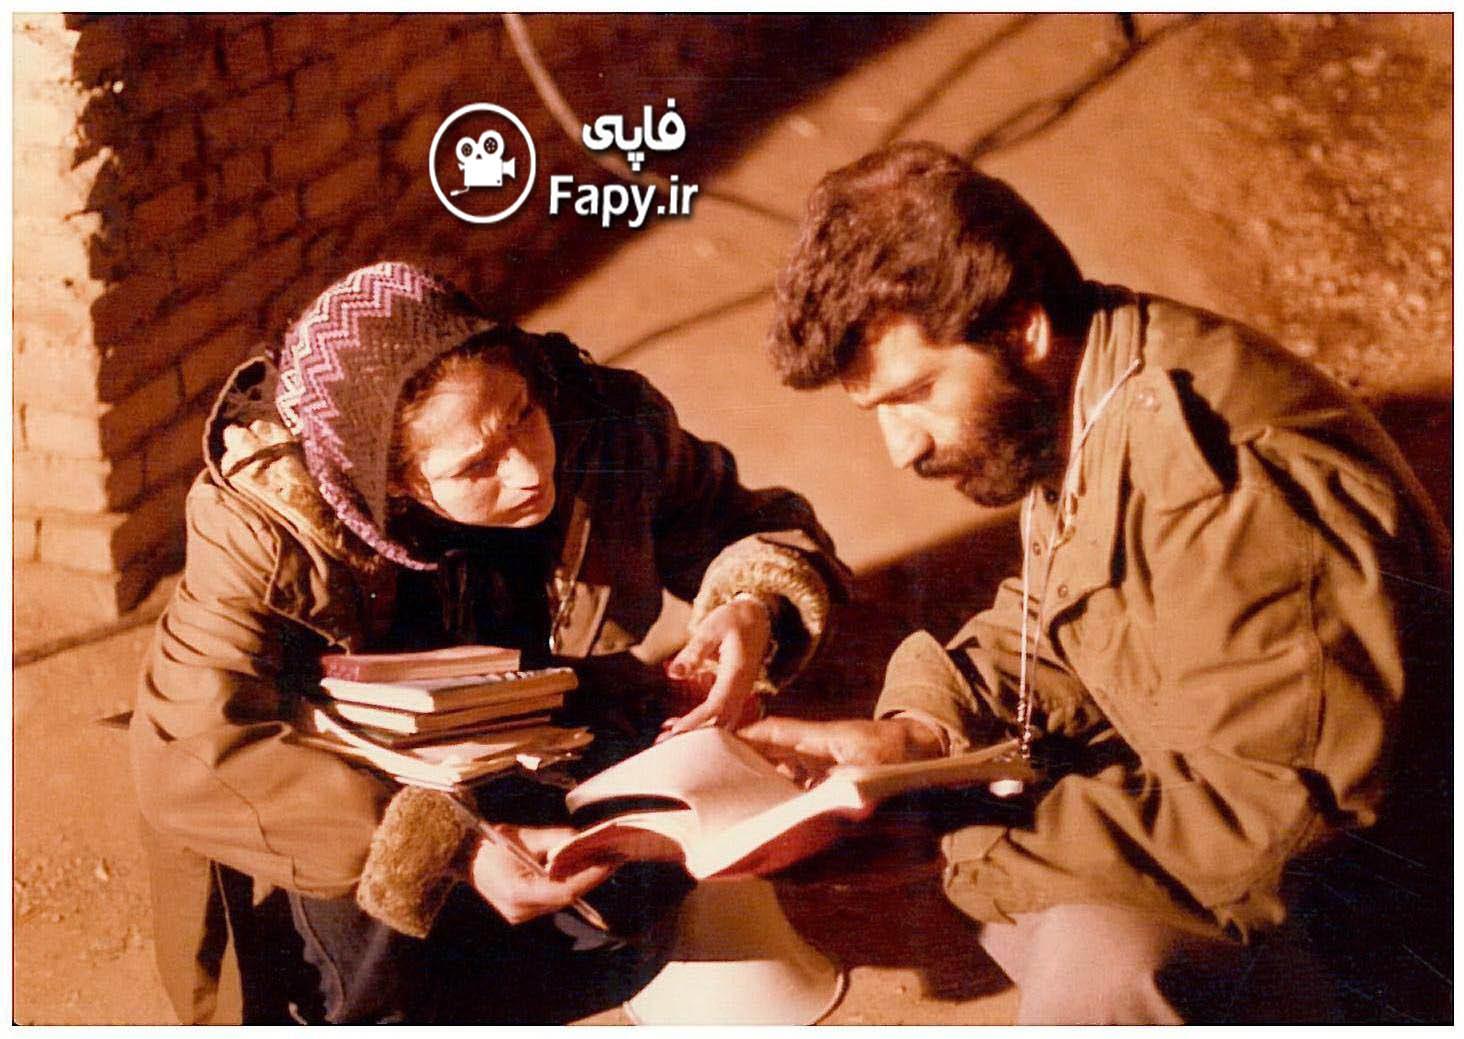 عکس هایی از فیلم ایرانی آفتاب نشین ها